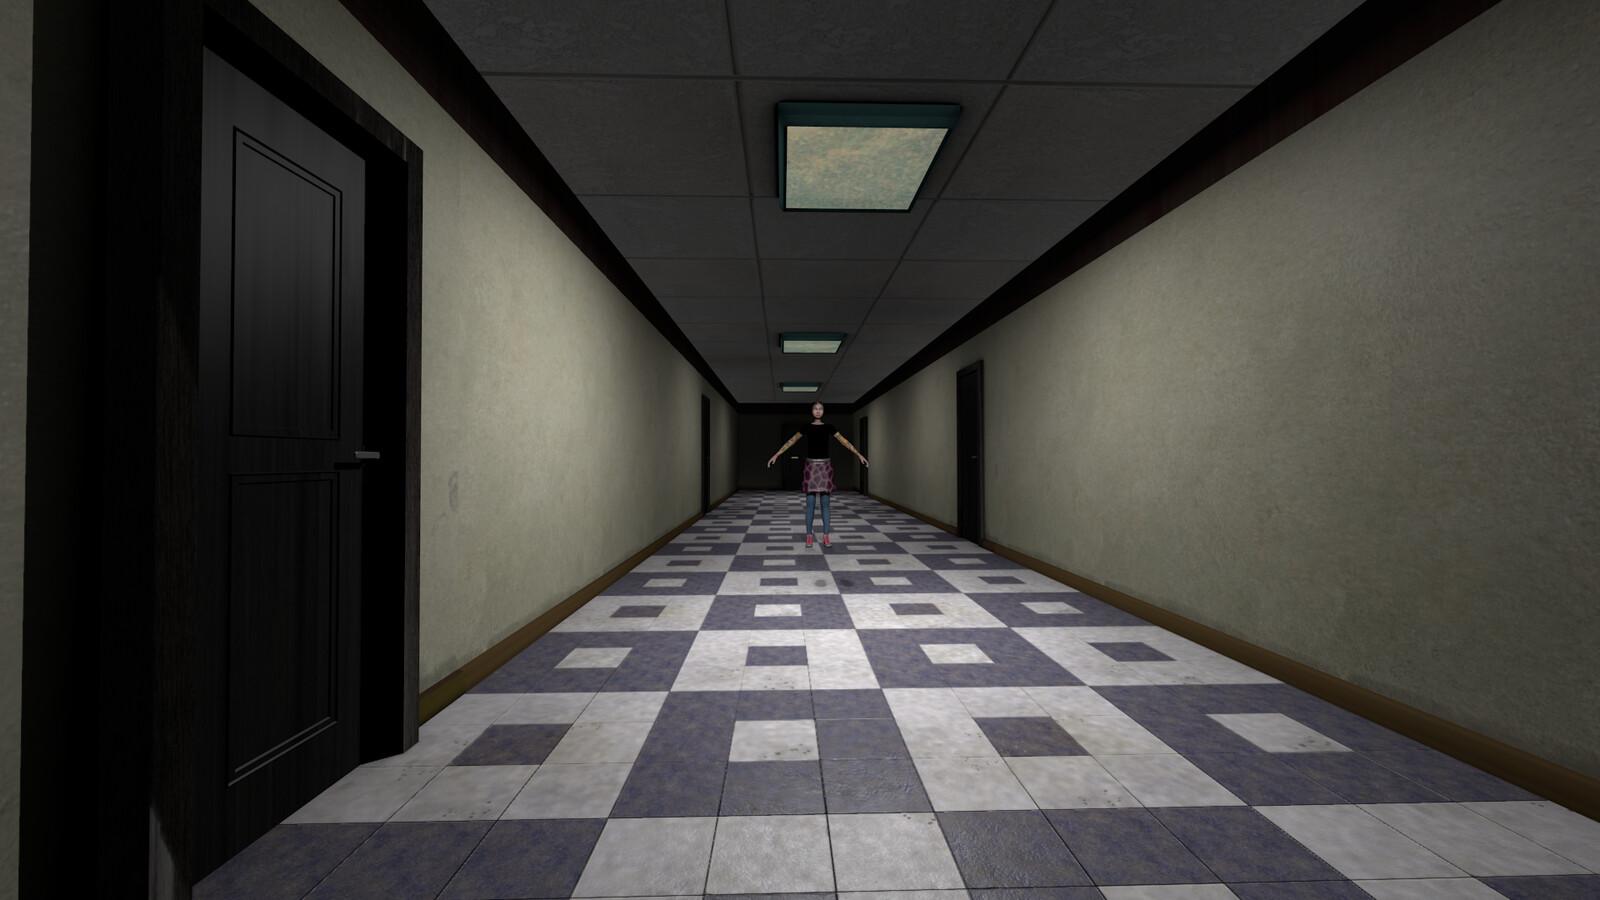 Office hallway under new management.